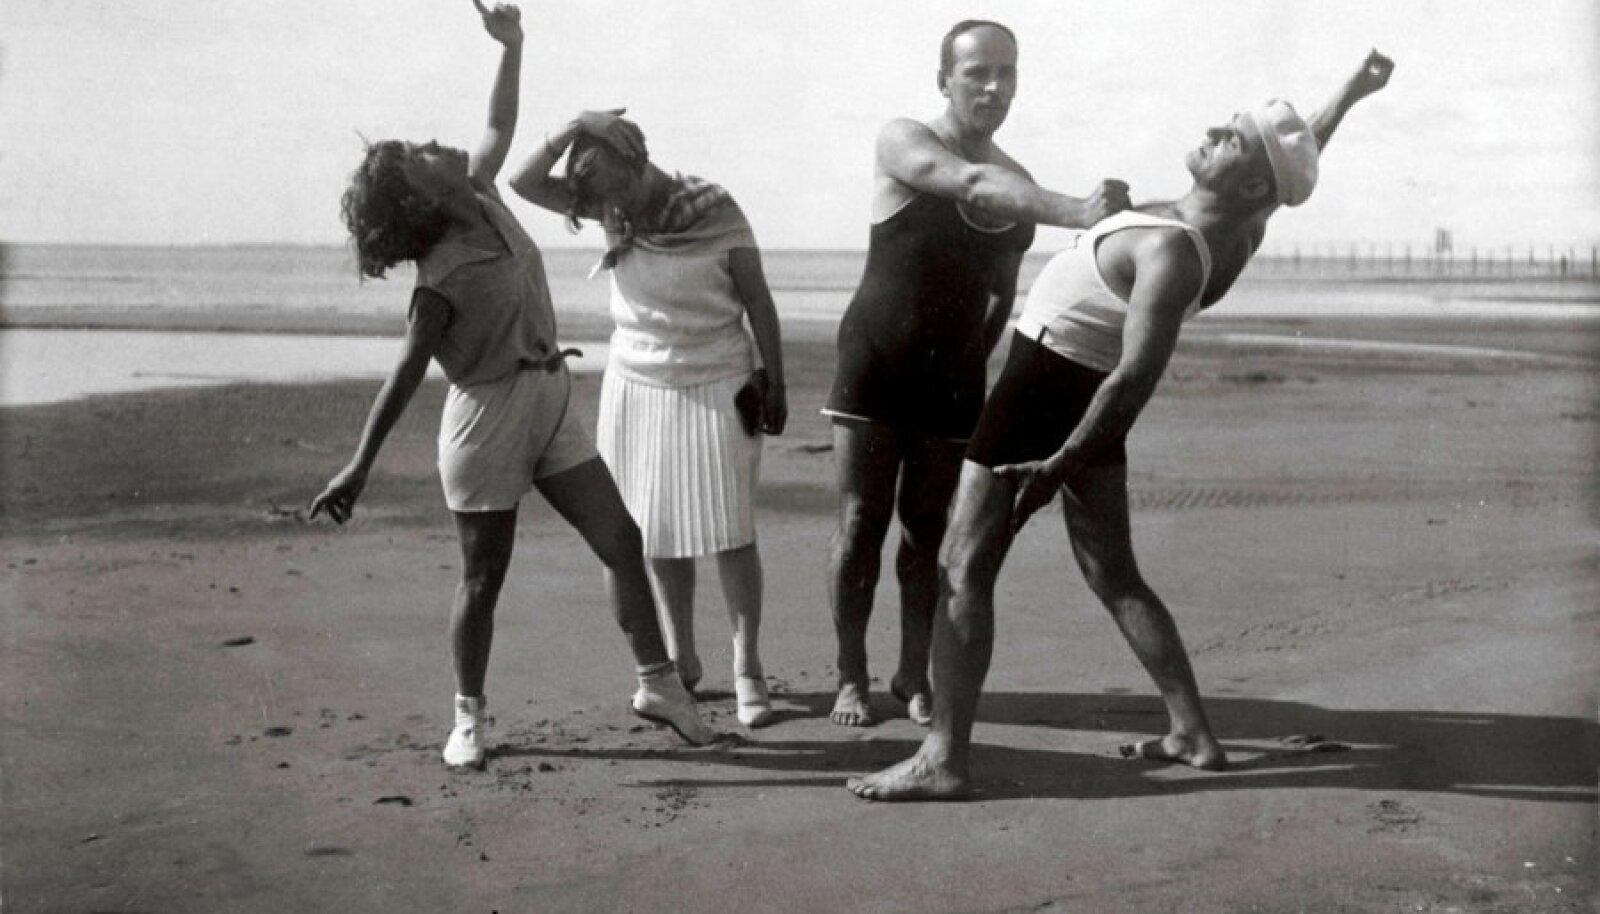 HEA ELU VIHATUD MAAL: Johannes Semper ja Johannes Vares-Barbarus ühes abikaasadega Pärnu rannas suvel 1928